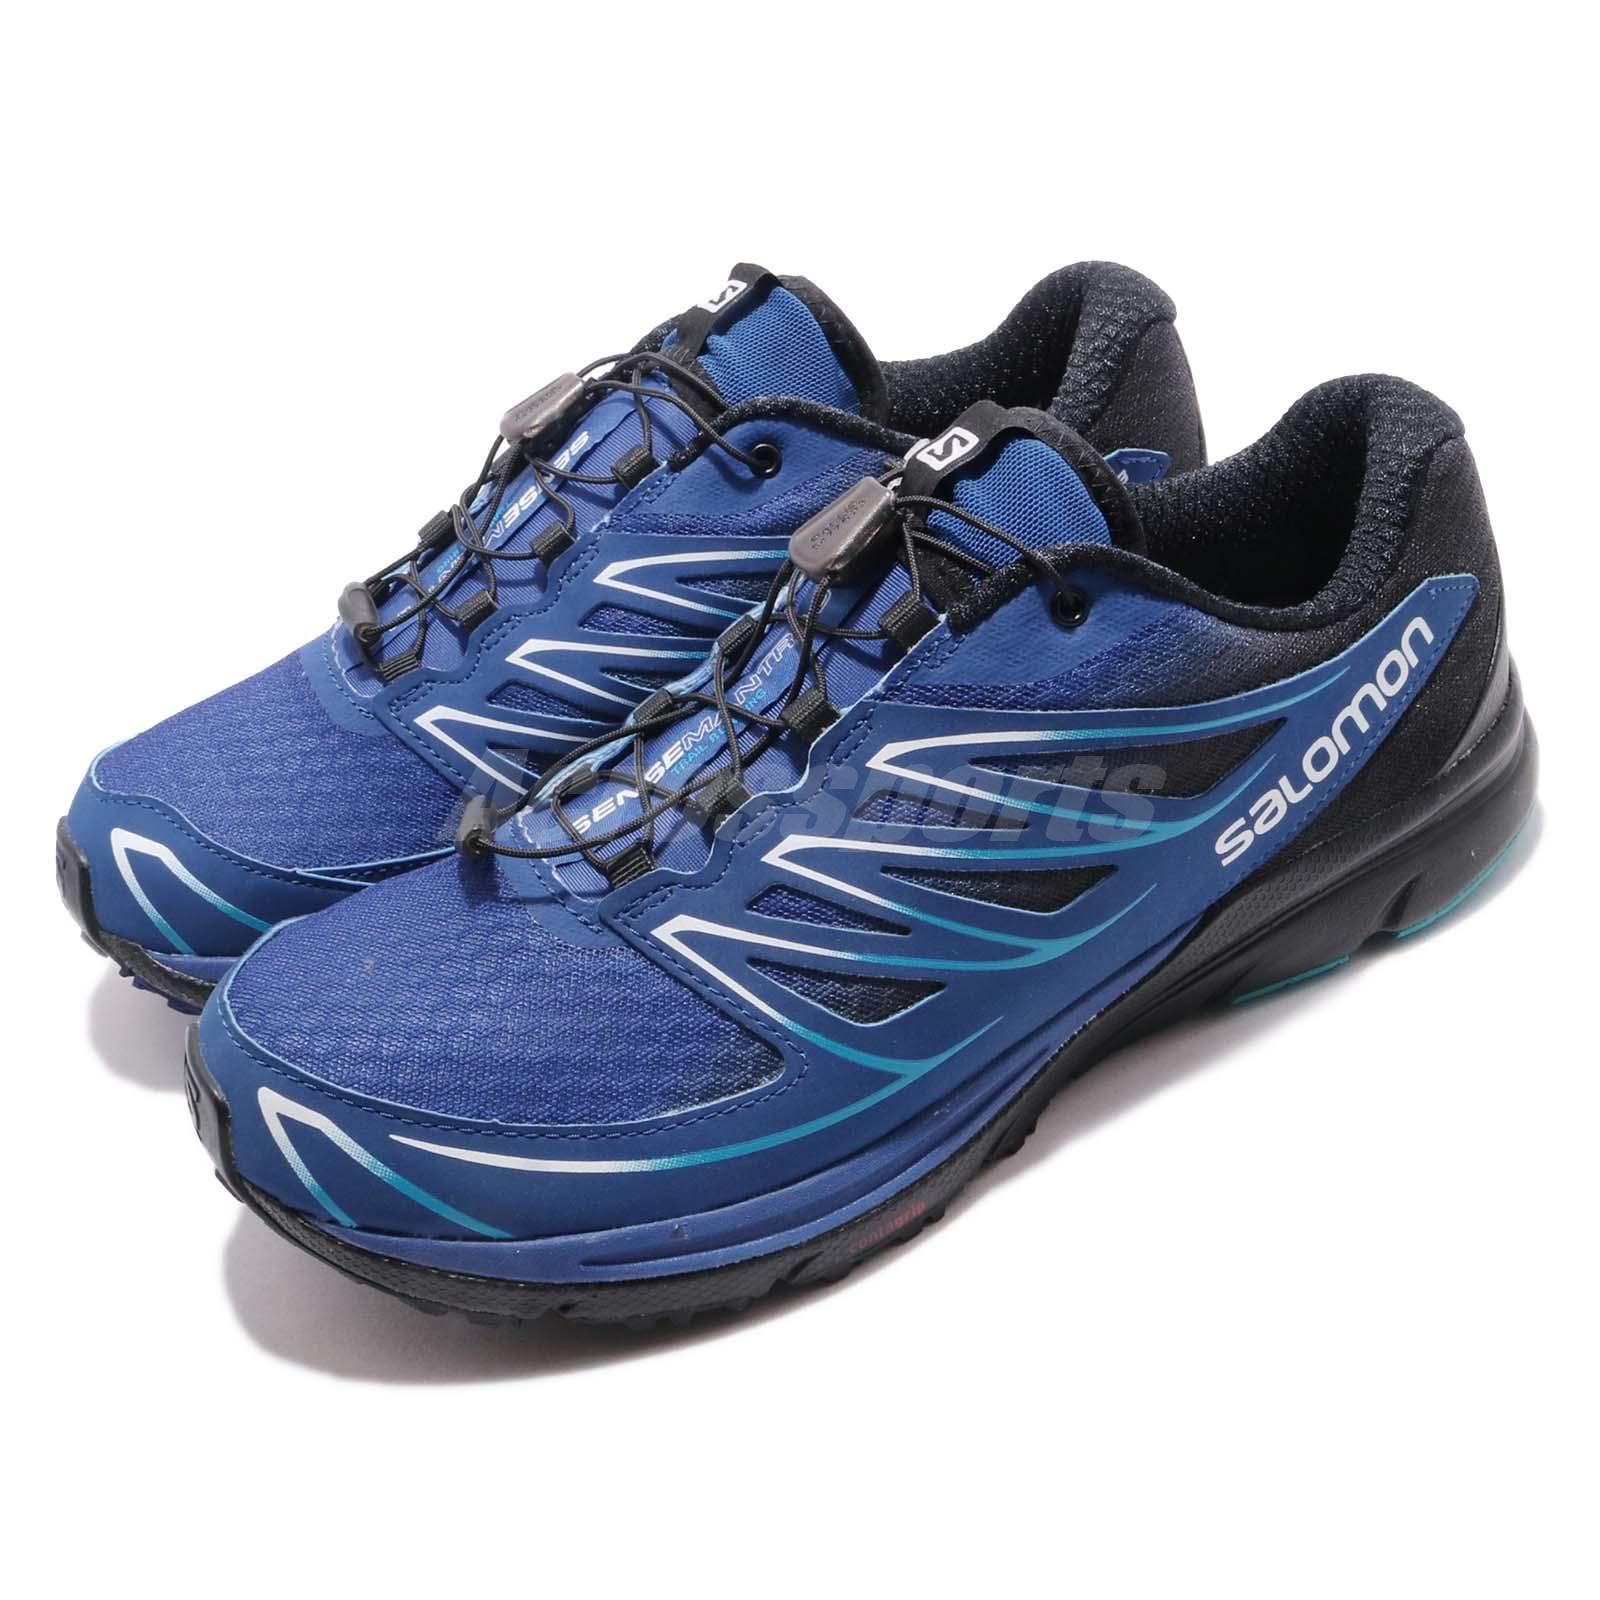 c163afc32aab Details about Salomon Sense Mantra 3 Blue Black White Men Trail Running  Shoe Sneaker L39013100